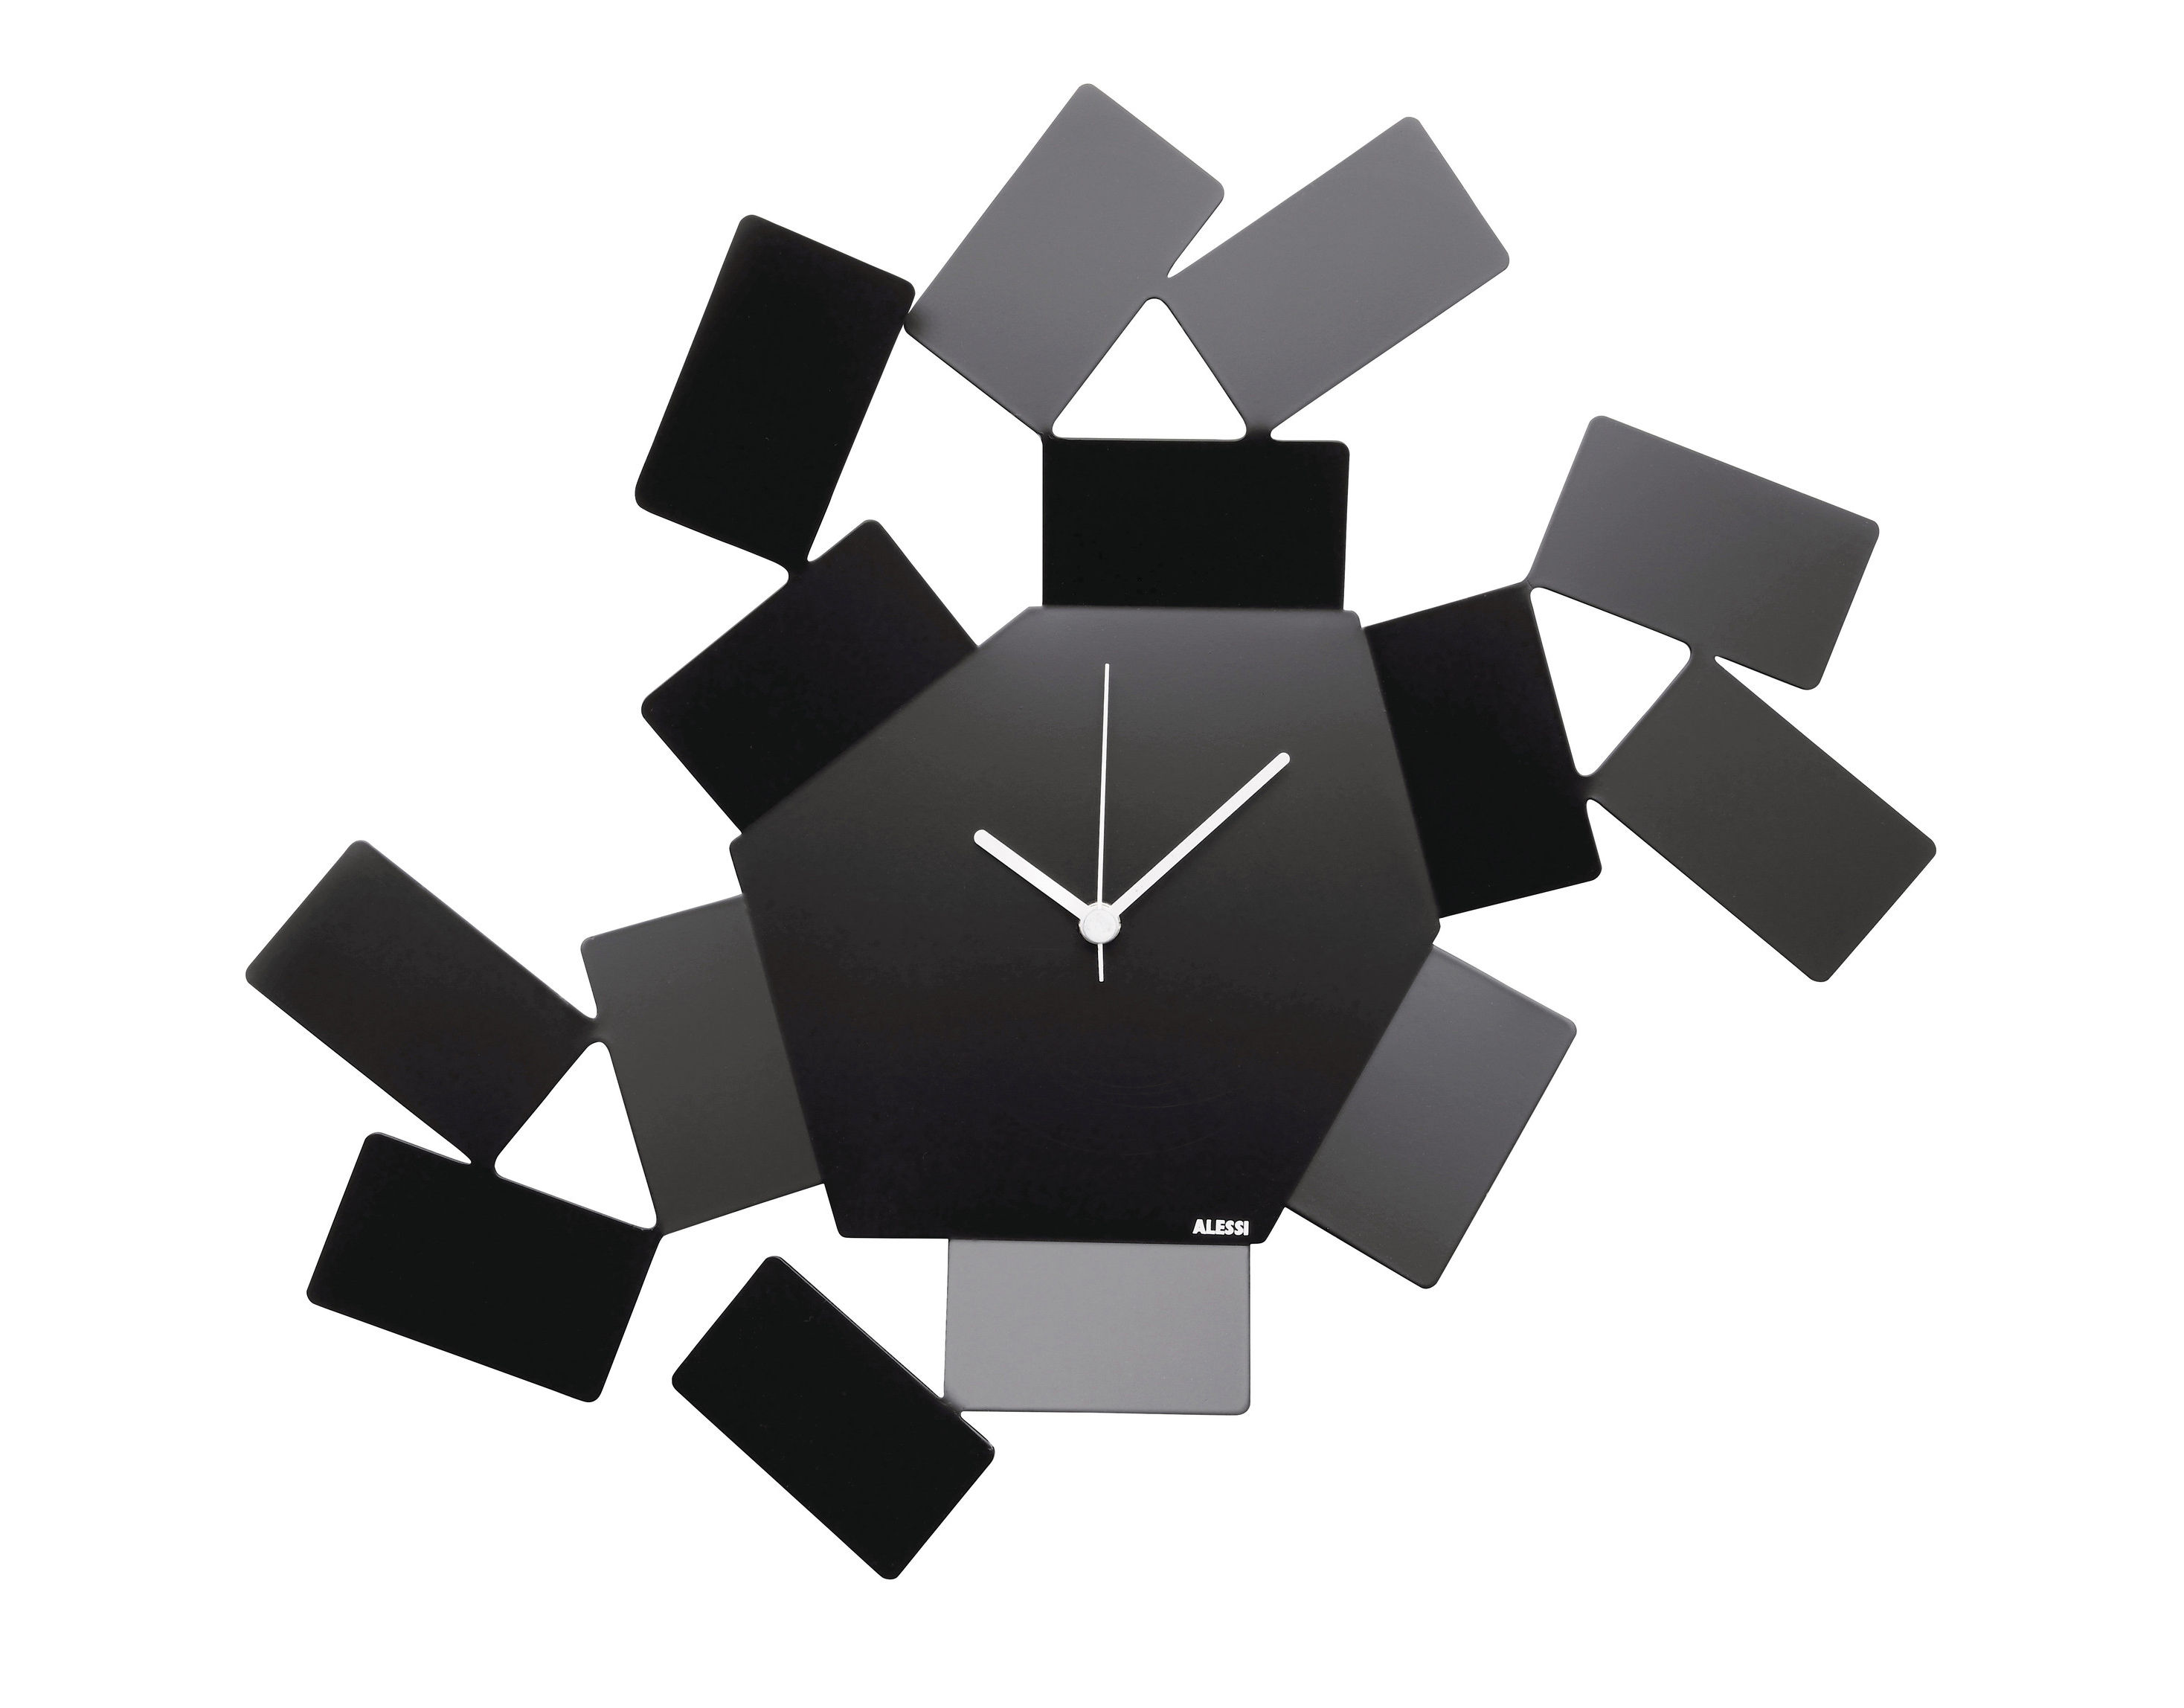 Horloge murale la stanza dello scirocco l 46 x h 33 5 cm - Horloge murale contemporaine ...